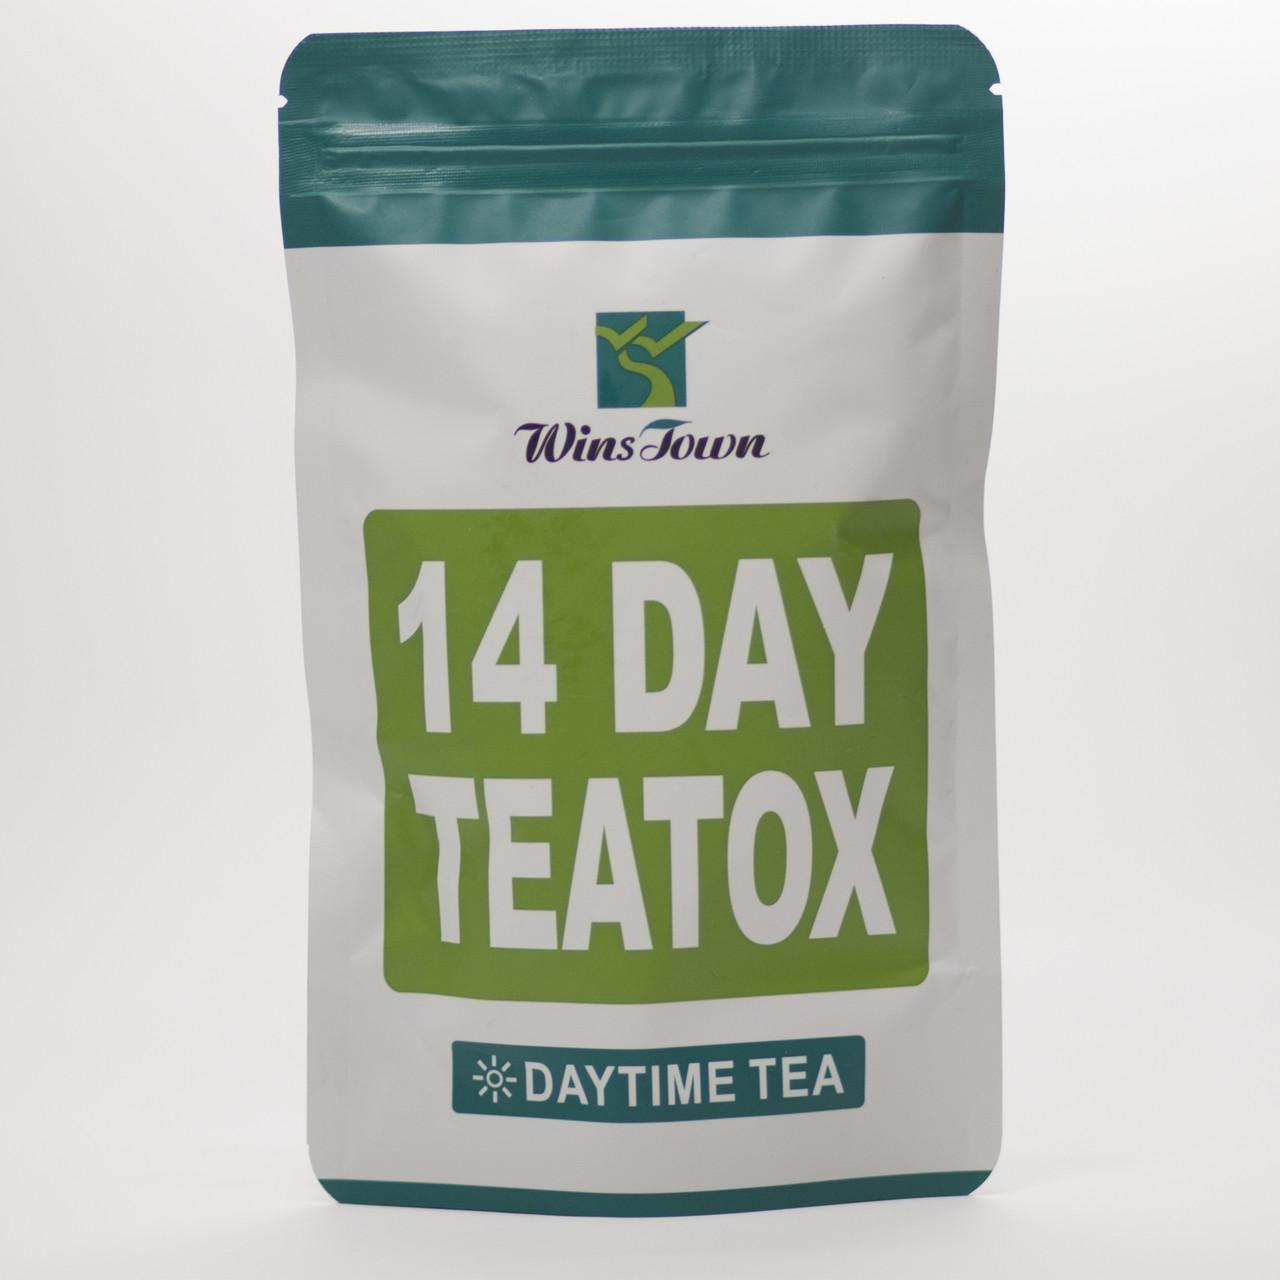 Денний чай Daytime tea - китайський чай для очищення організму зниження ваги. Упаковка: 14 фільтр пакетиків